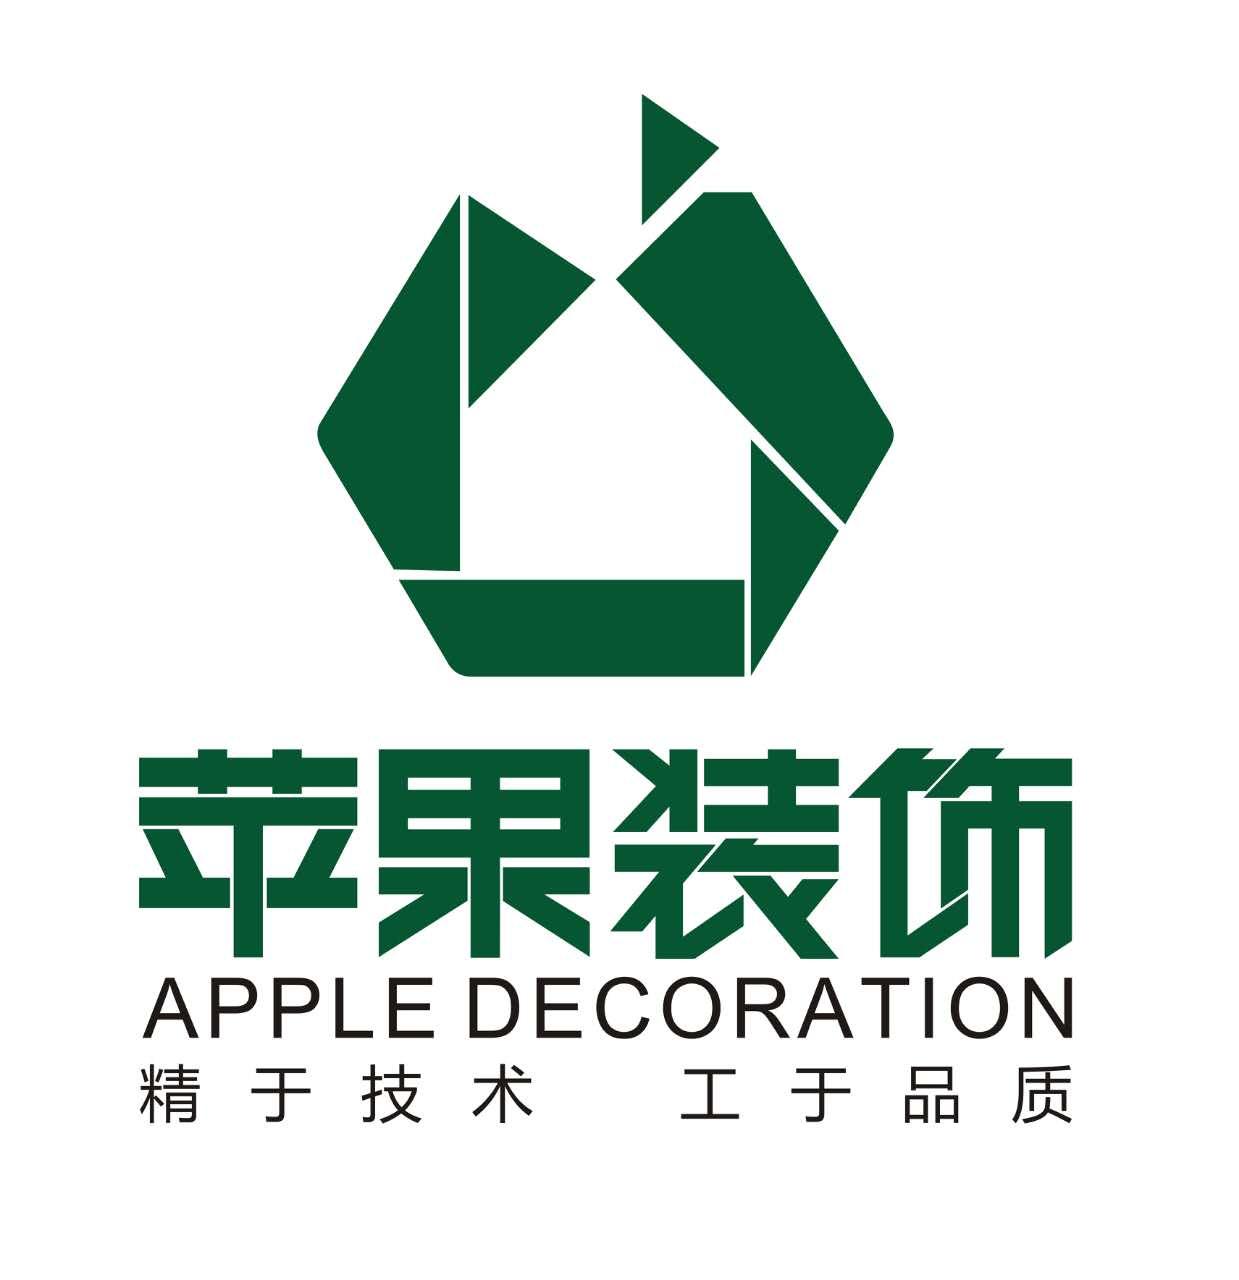 苹果装饰设计工程有限公司